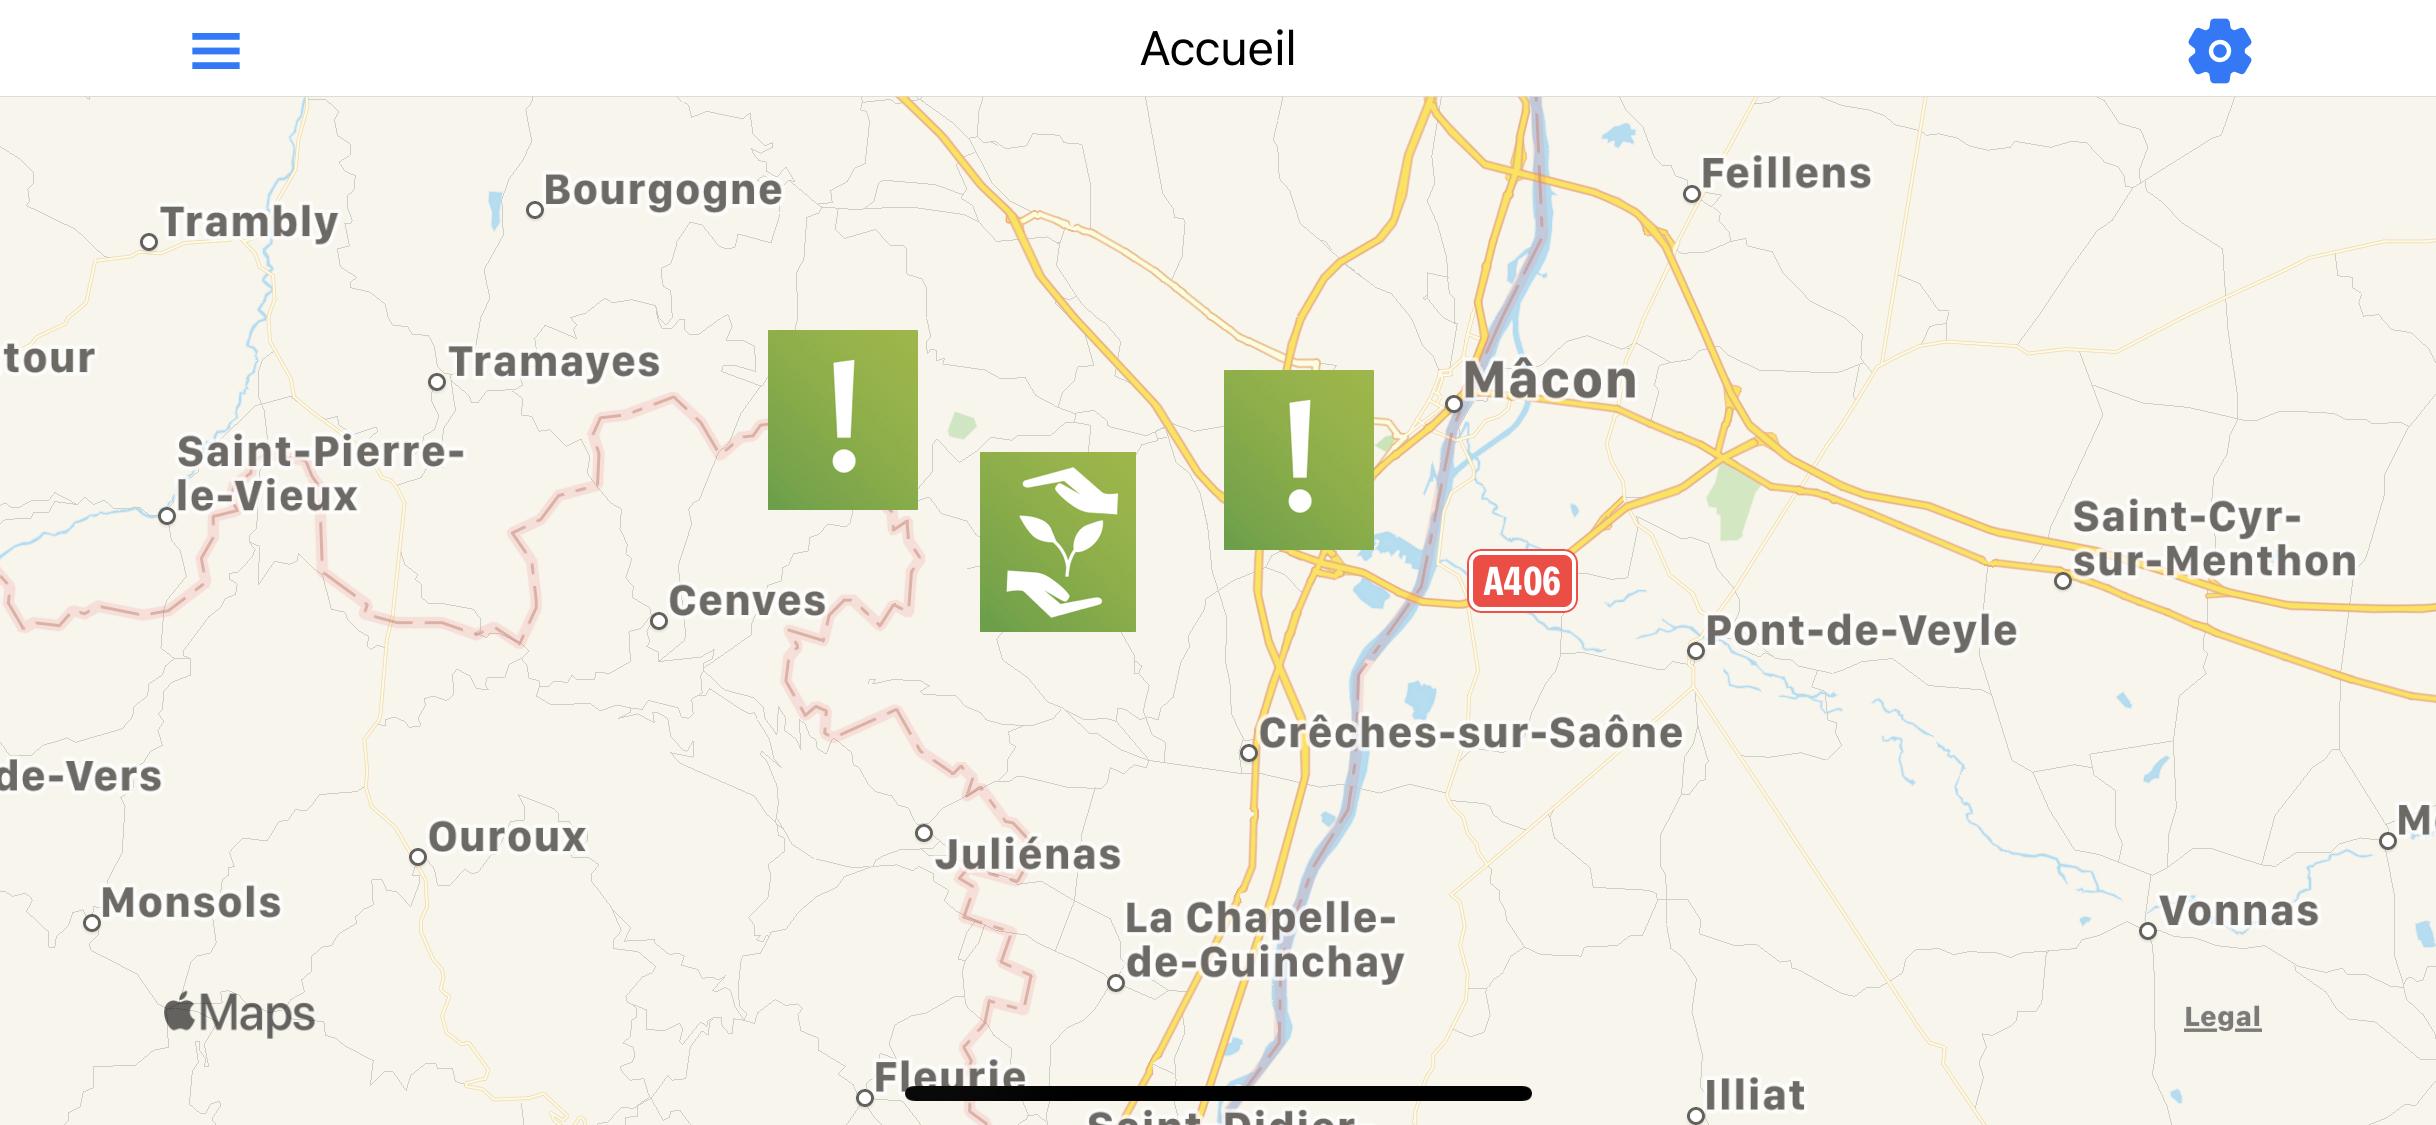 En cliquant sur les pictogrammes, on obtient des informations sur la nature de l'alerte et sur la localisation